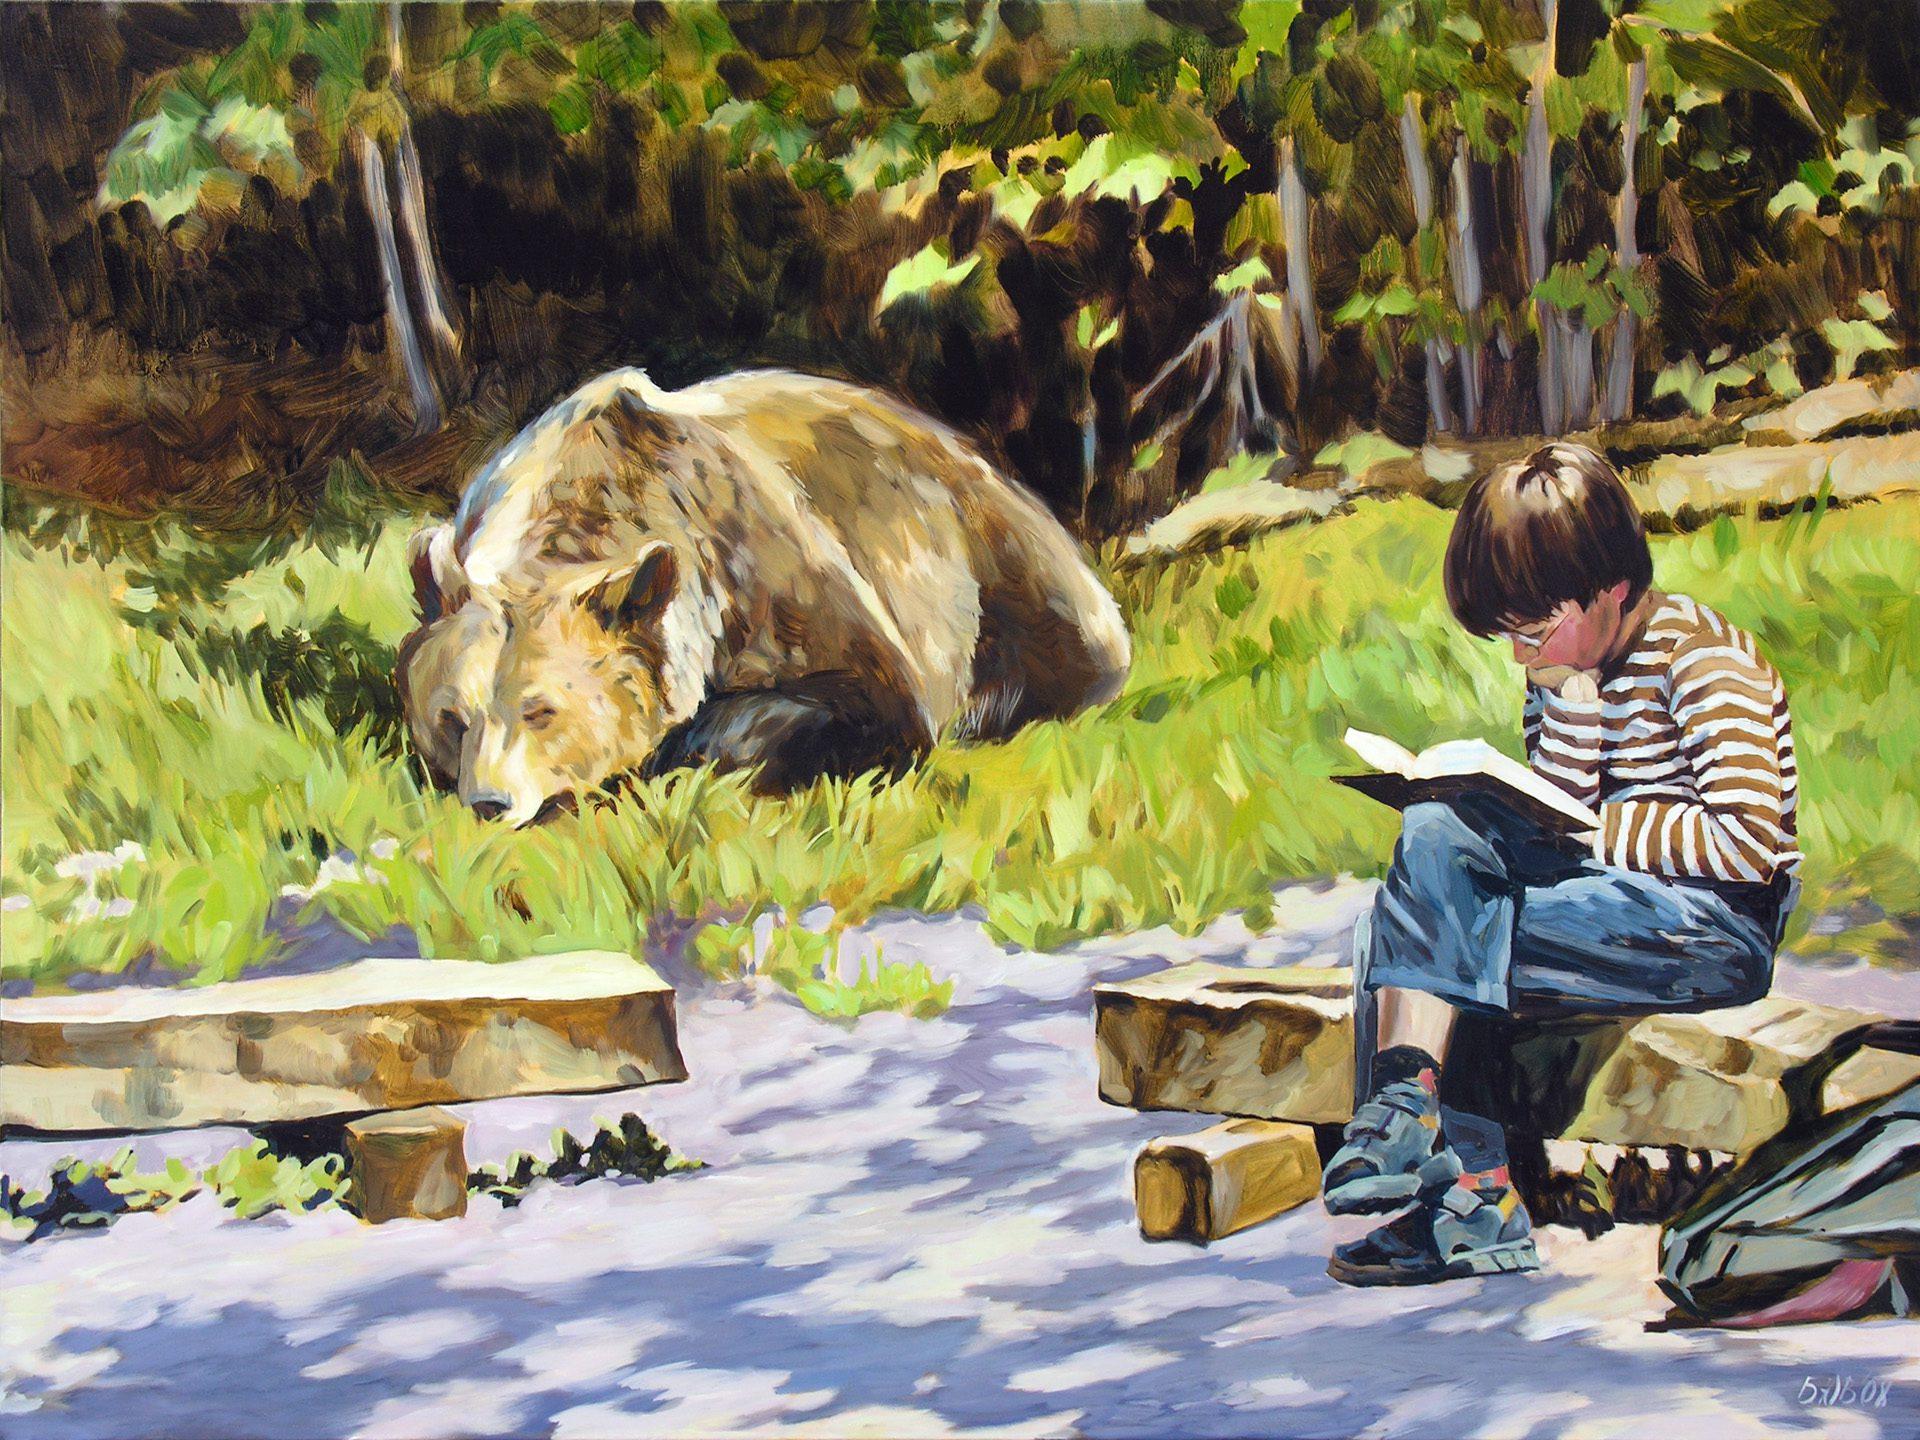 Gemälde von Julia Belot: Spannendes Buch, Öl auf Leinwand, 120 cm x 160 cm, 2008